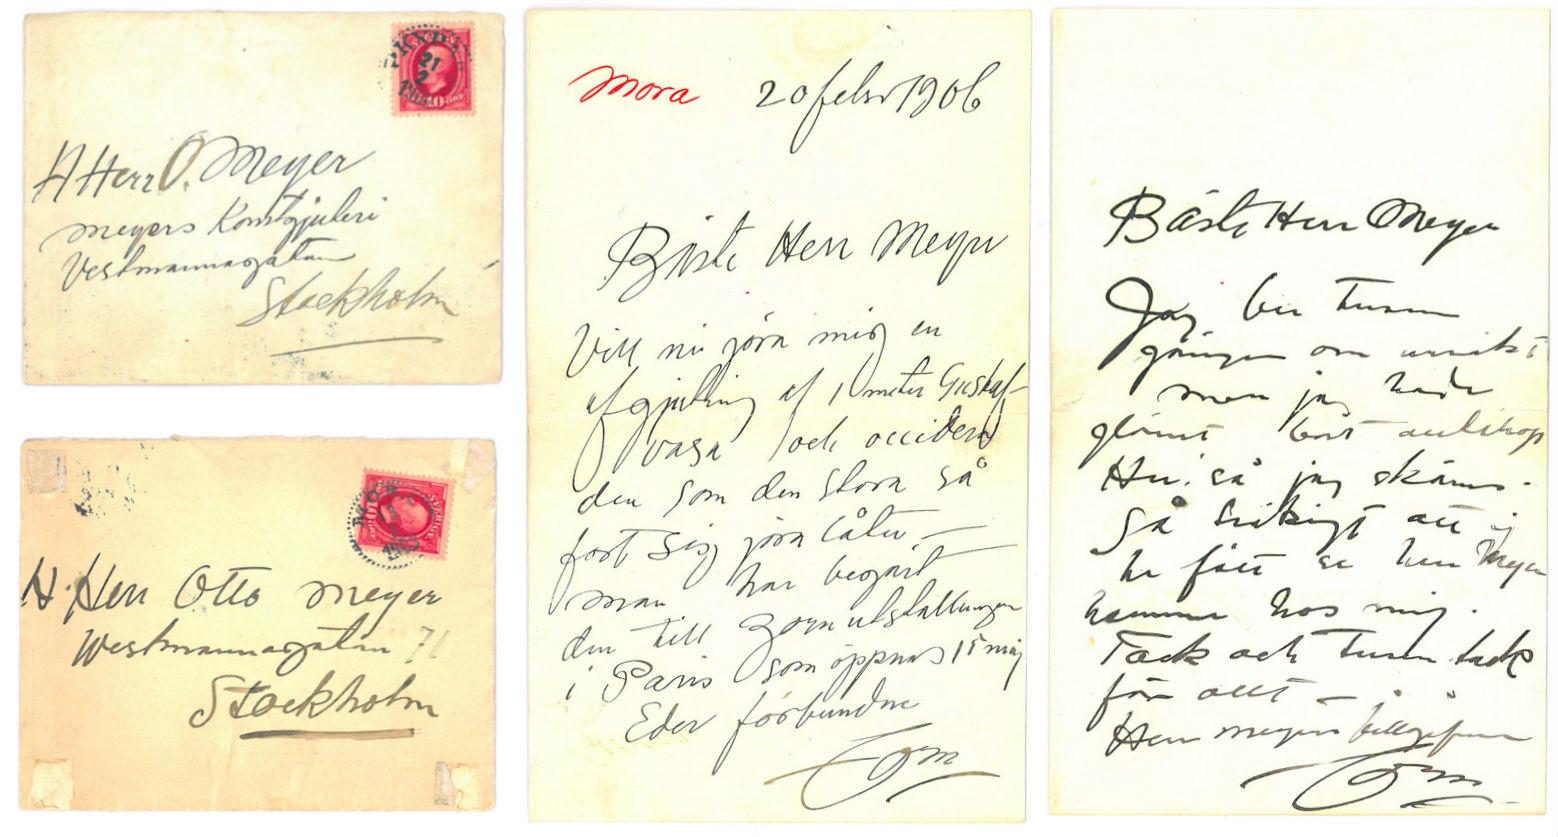 """Brev från Anders Zorn till Otto Meyer. I privat ägo hos Ylva Meyer. I brevet till vänster står det: """"Mora 20 febr 1906. Bäste Herr Meyer, Vill ni göra mig en afgjutning af 1 meter Gustaf Vasa och occidera den som den så fort sig göra låter. - Man har begärt den till Zorn utställningen i Paris som öppnas 15 maj. Eder förbundne, Zorn."""" I brevet till höger står det: """"Bäste Herr Meyer, Jag ber tusen gånger om ursäkt men jag hade glömt bort alltihop Hu! så jag skäms. Så tråkigt att ej ha fått se herr Meyer hemma hos mig. Tack och tusen tack för allt - Herr Meyers tillgifne, Zorn."""""""